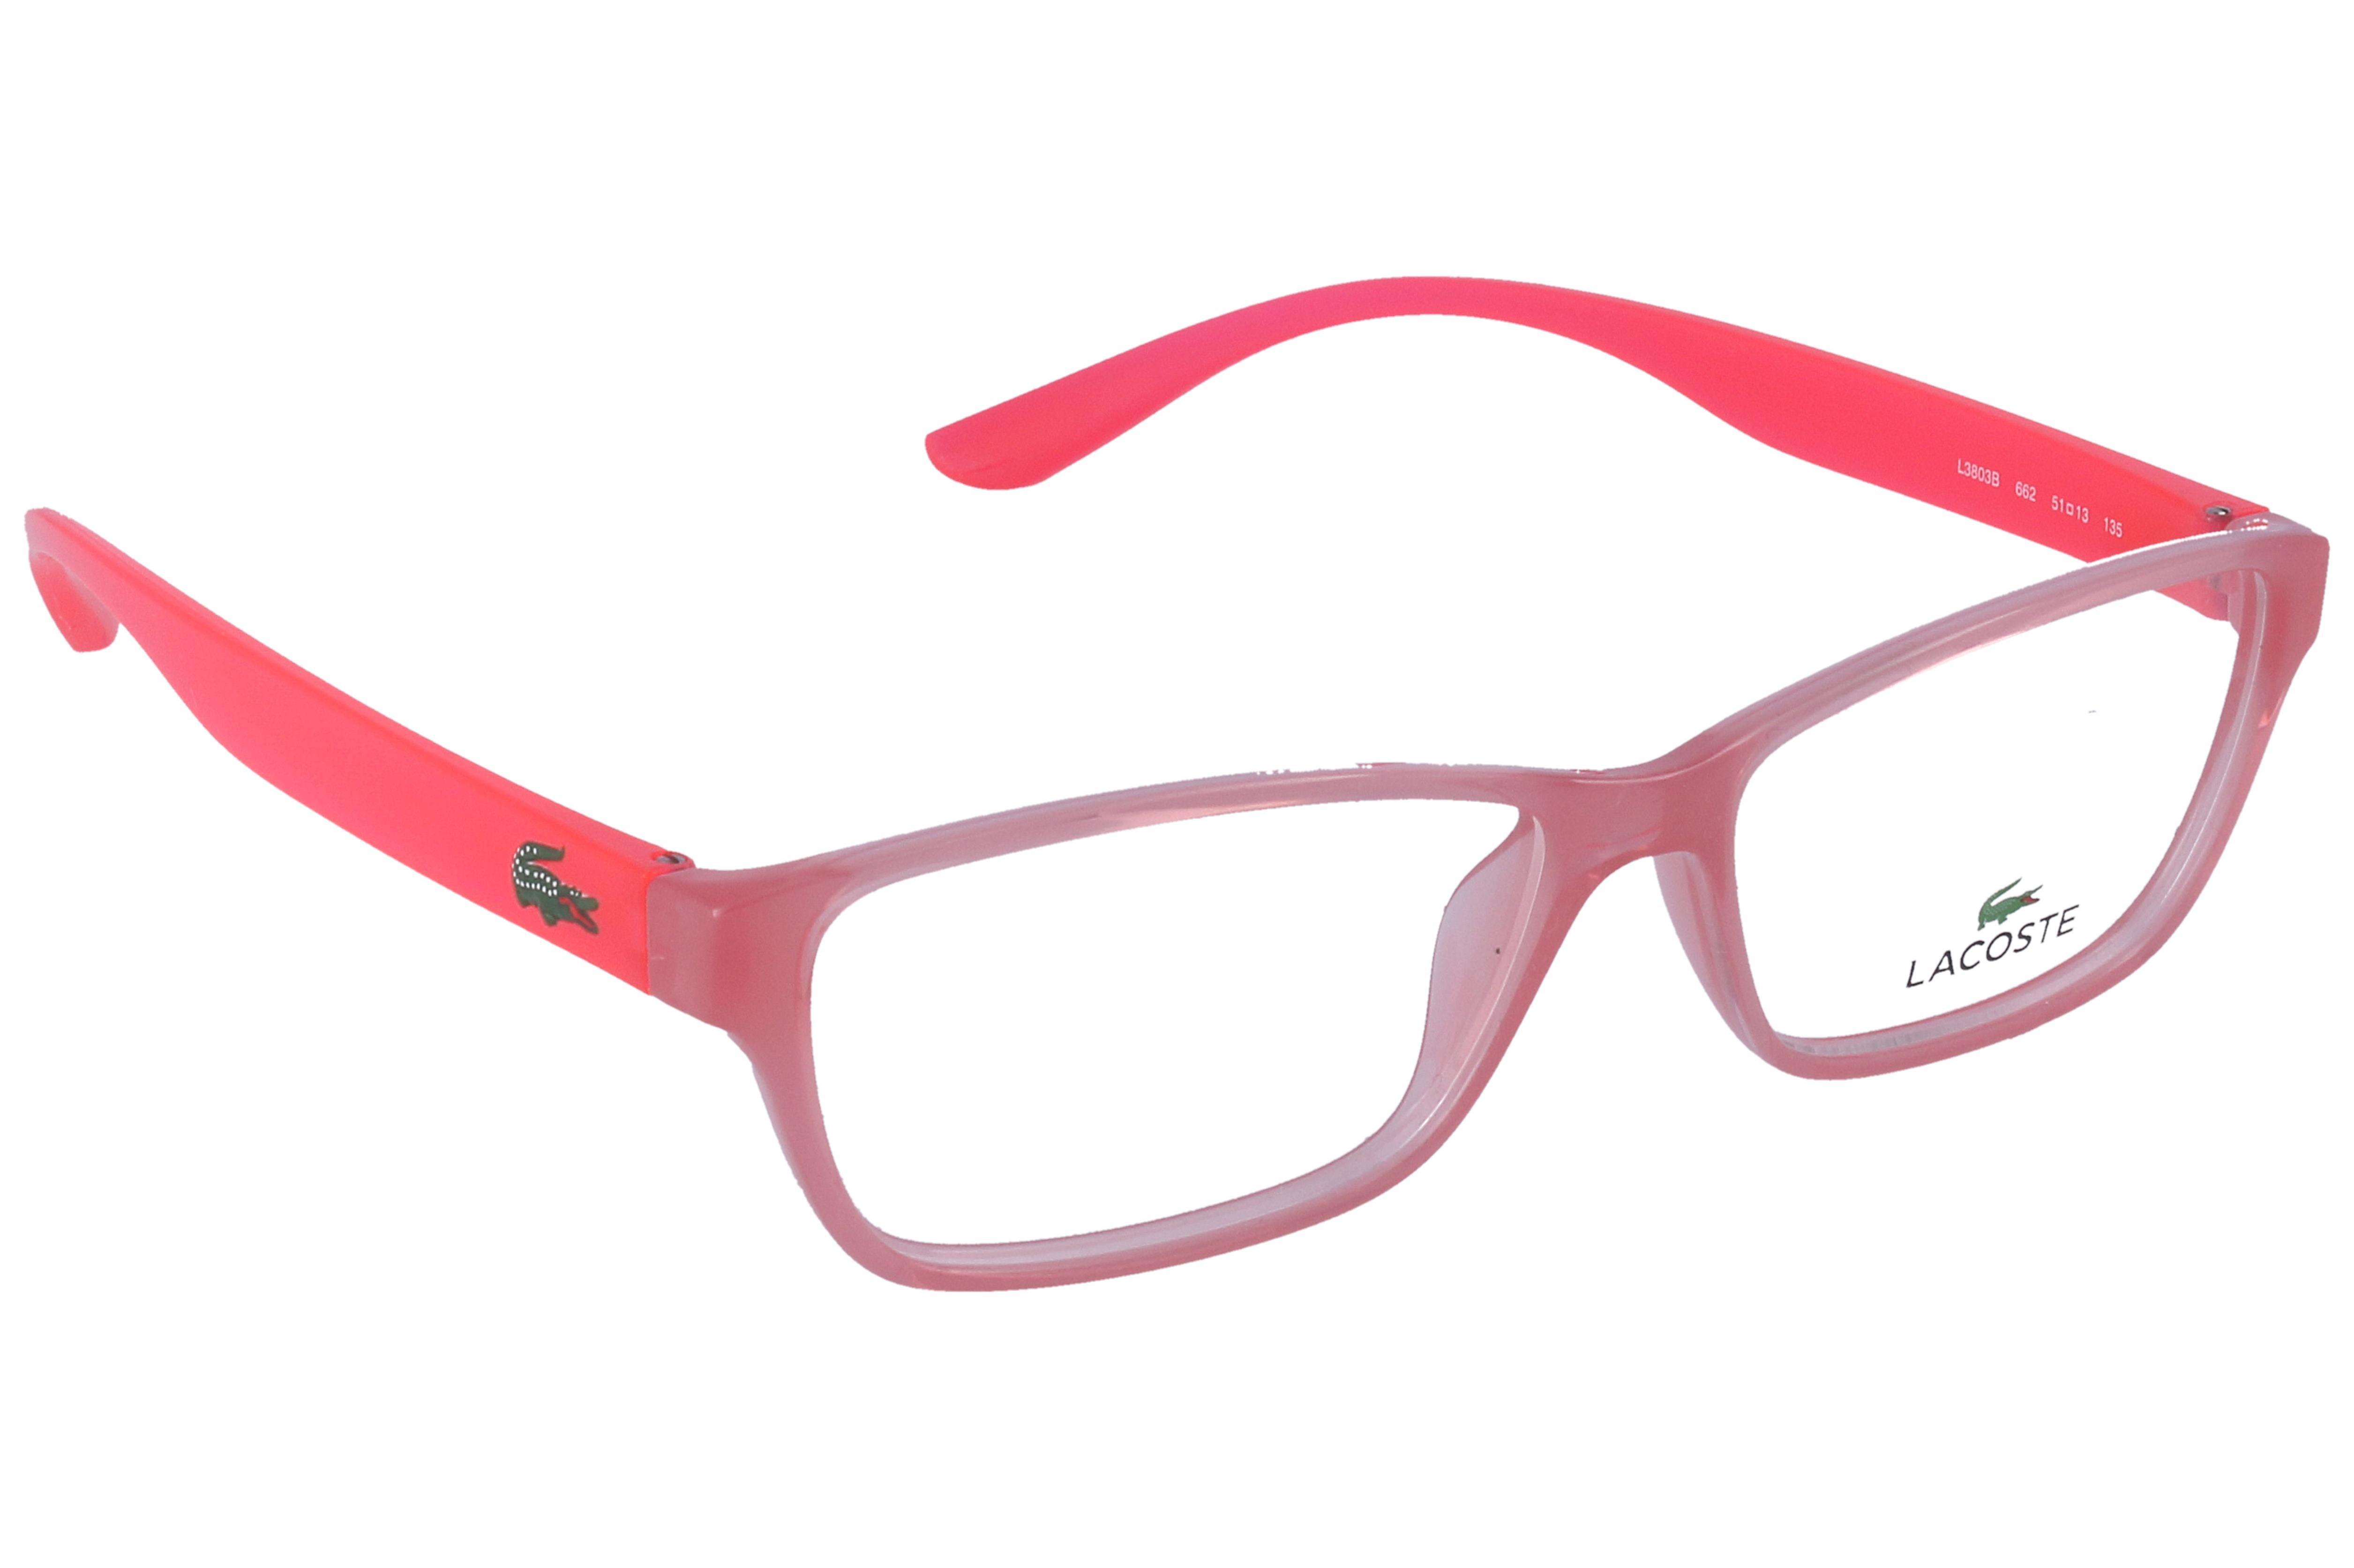 4e3b761e57d LACOSTE 3803B 662 51 14 - Eyeglasses